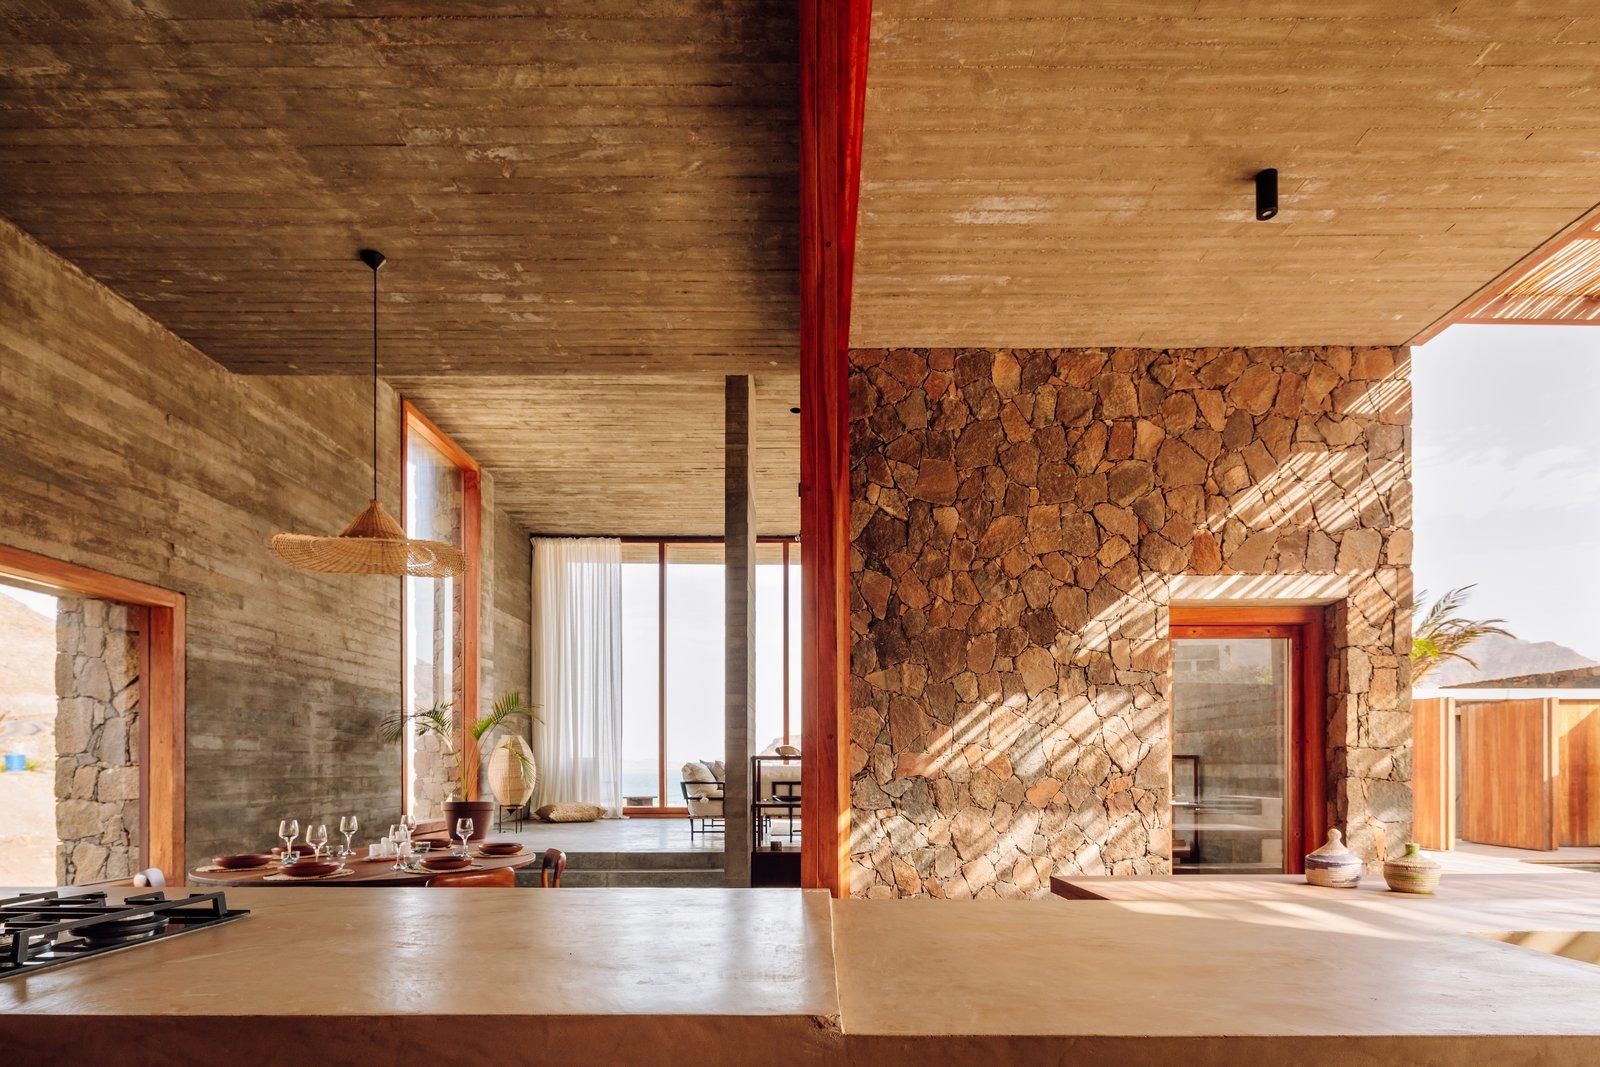 The Esculturas POLO Architects Cabo Verde kitchen